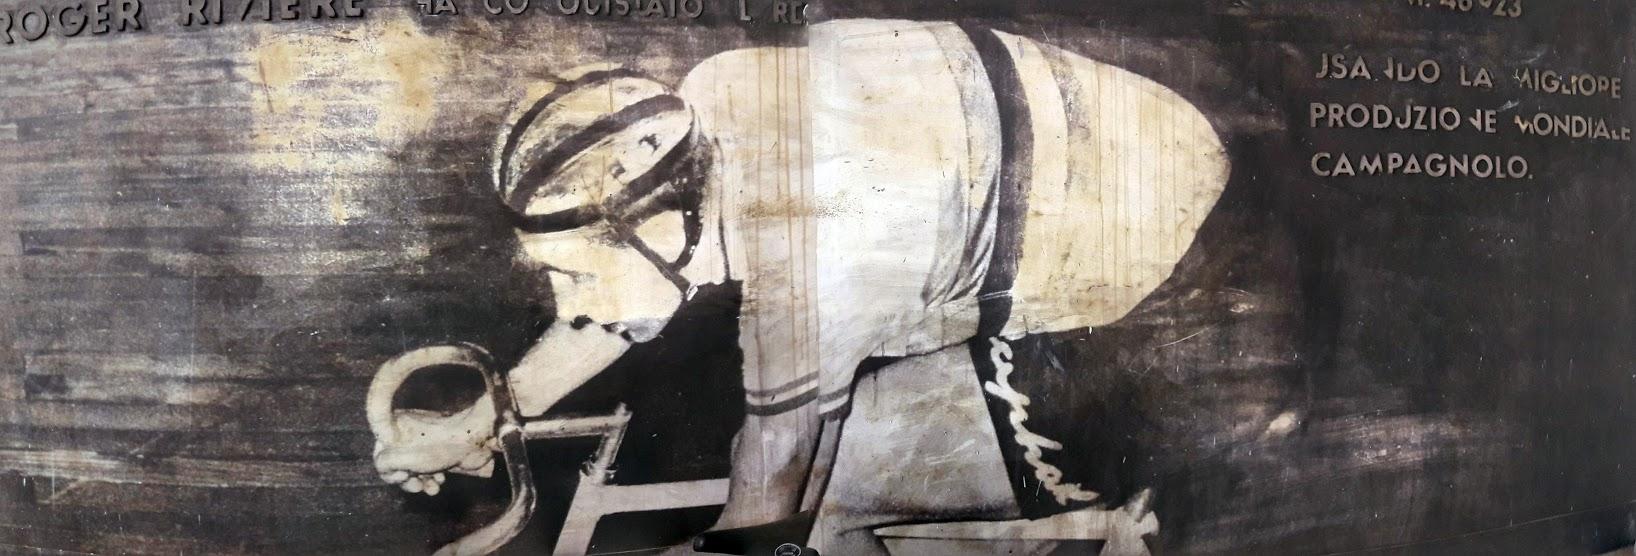 Un pannello che immortala le gesta di Rogere riviere al Vigorelli (fotografato per gentile concessione del sig. Masi dell'omonima ciclo-officina)